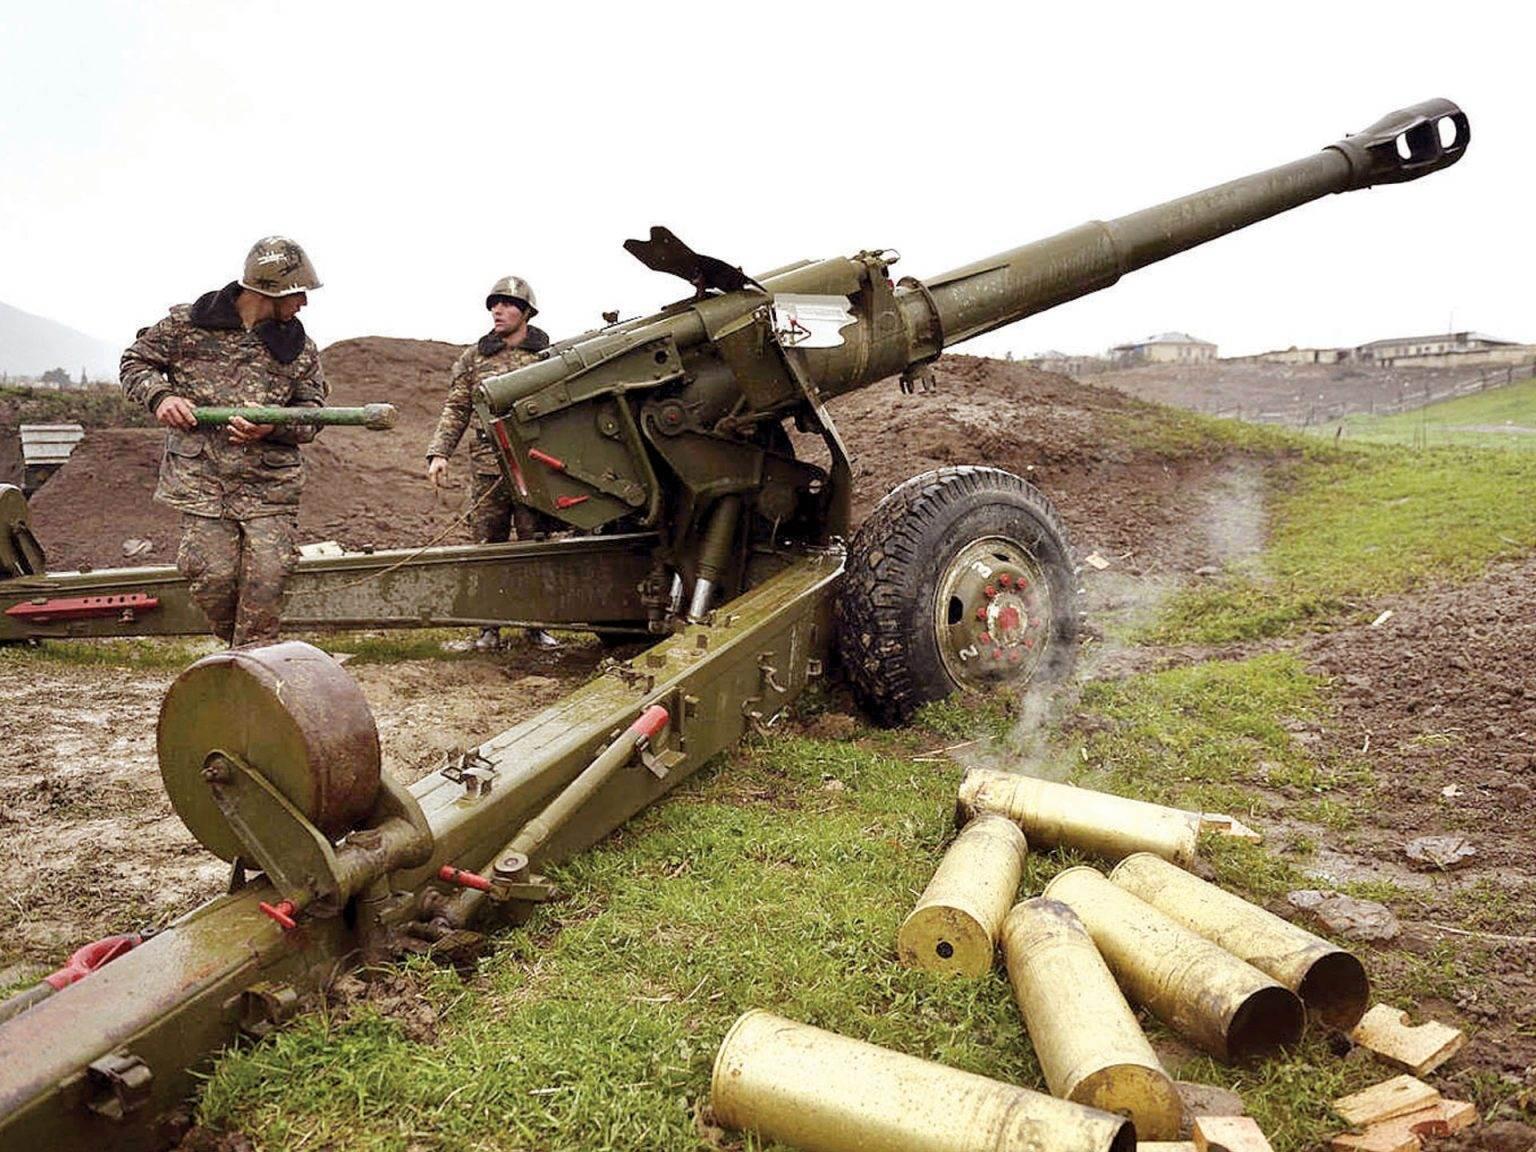 الجيش الأرمينى يقصف مواقع عسكرية ومناطق سكنية بأذربيجان وسقوط قتلى وجرحى